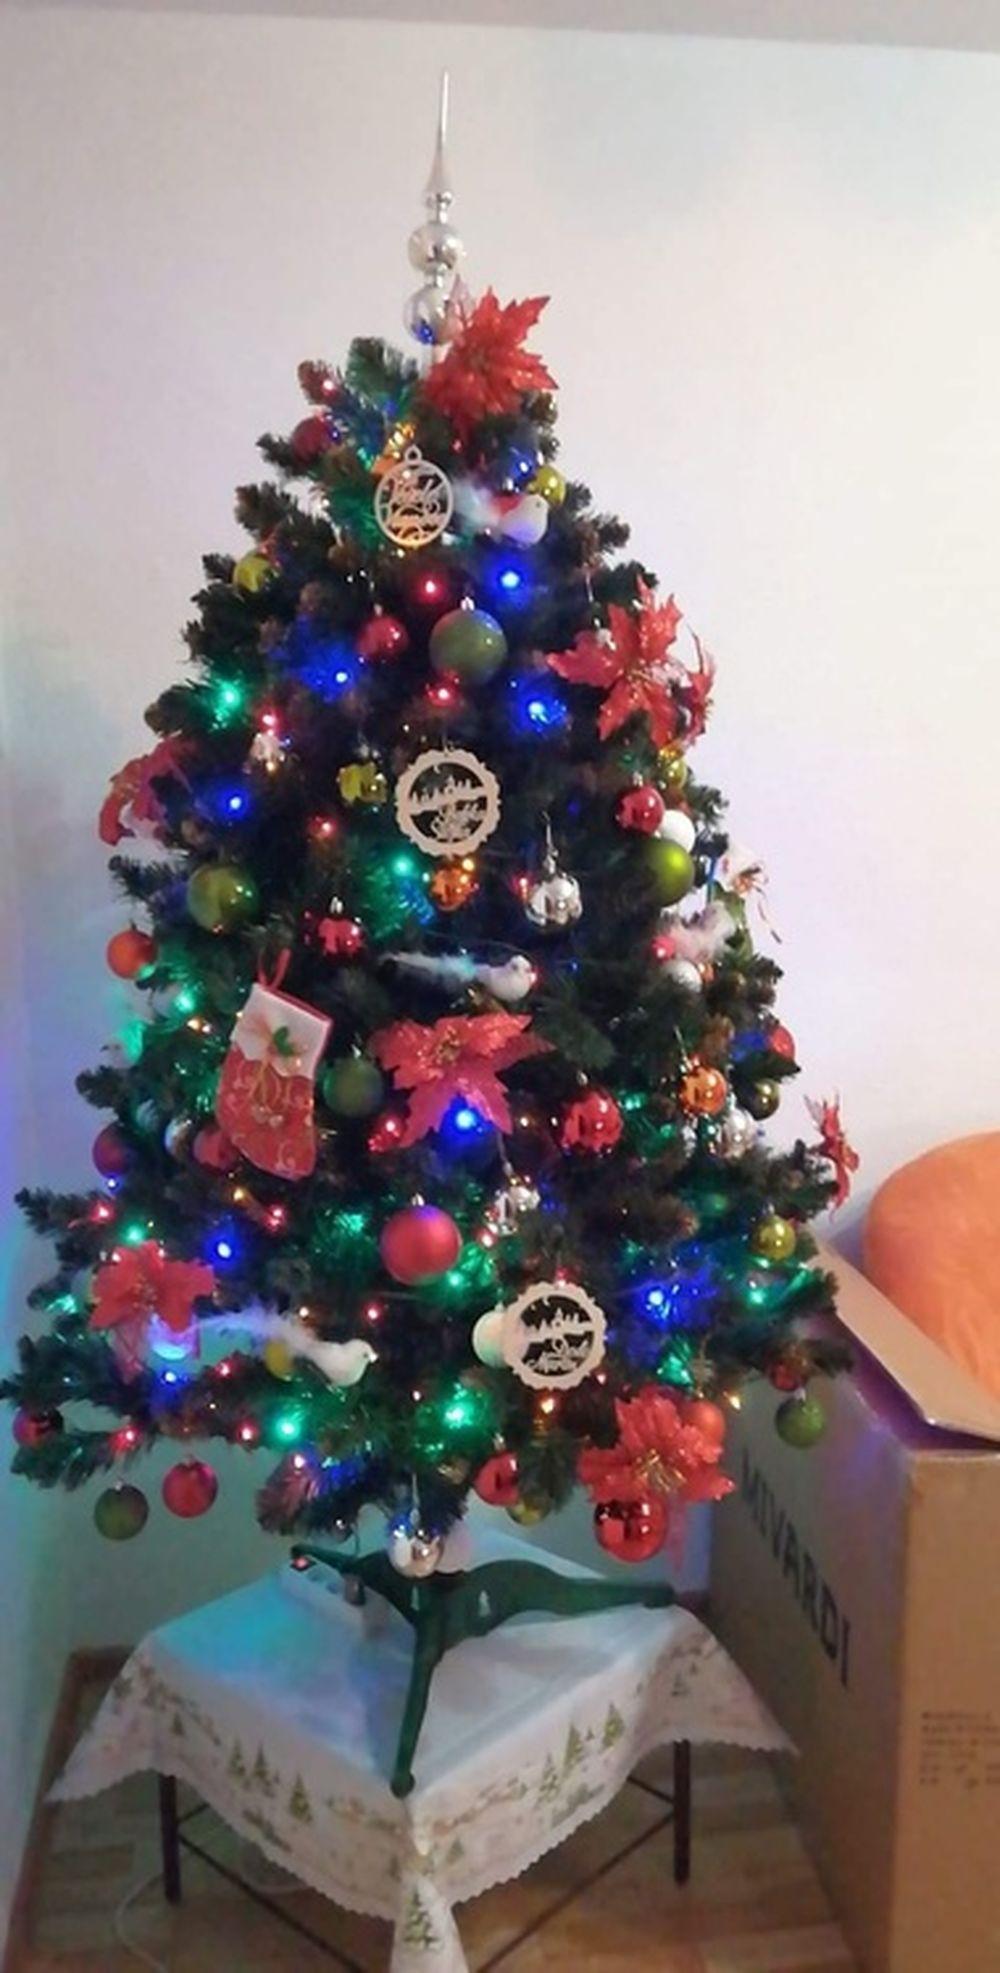 FOTO: Vianočné stromčeky v Žiline - výber fotografií našich čitateľov, foto 31